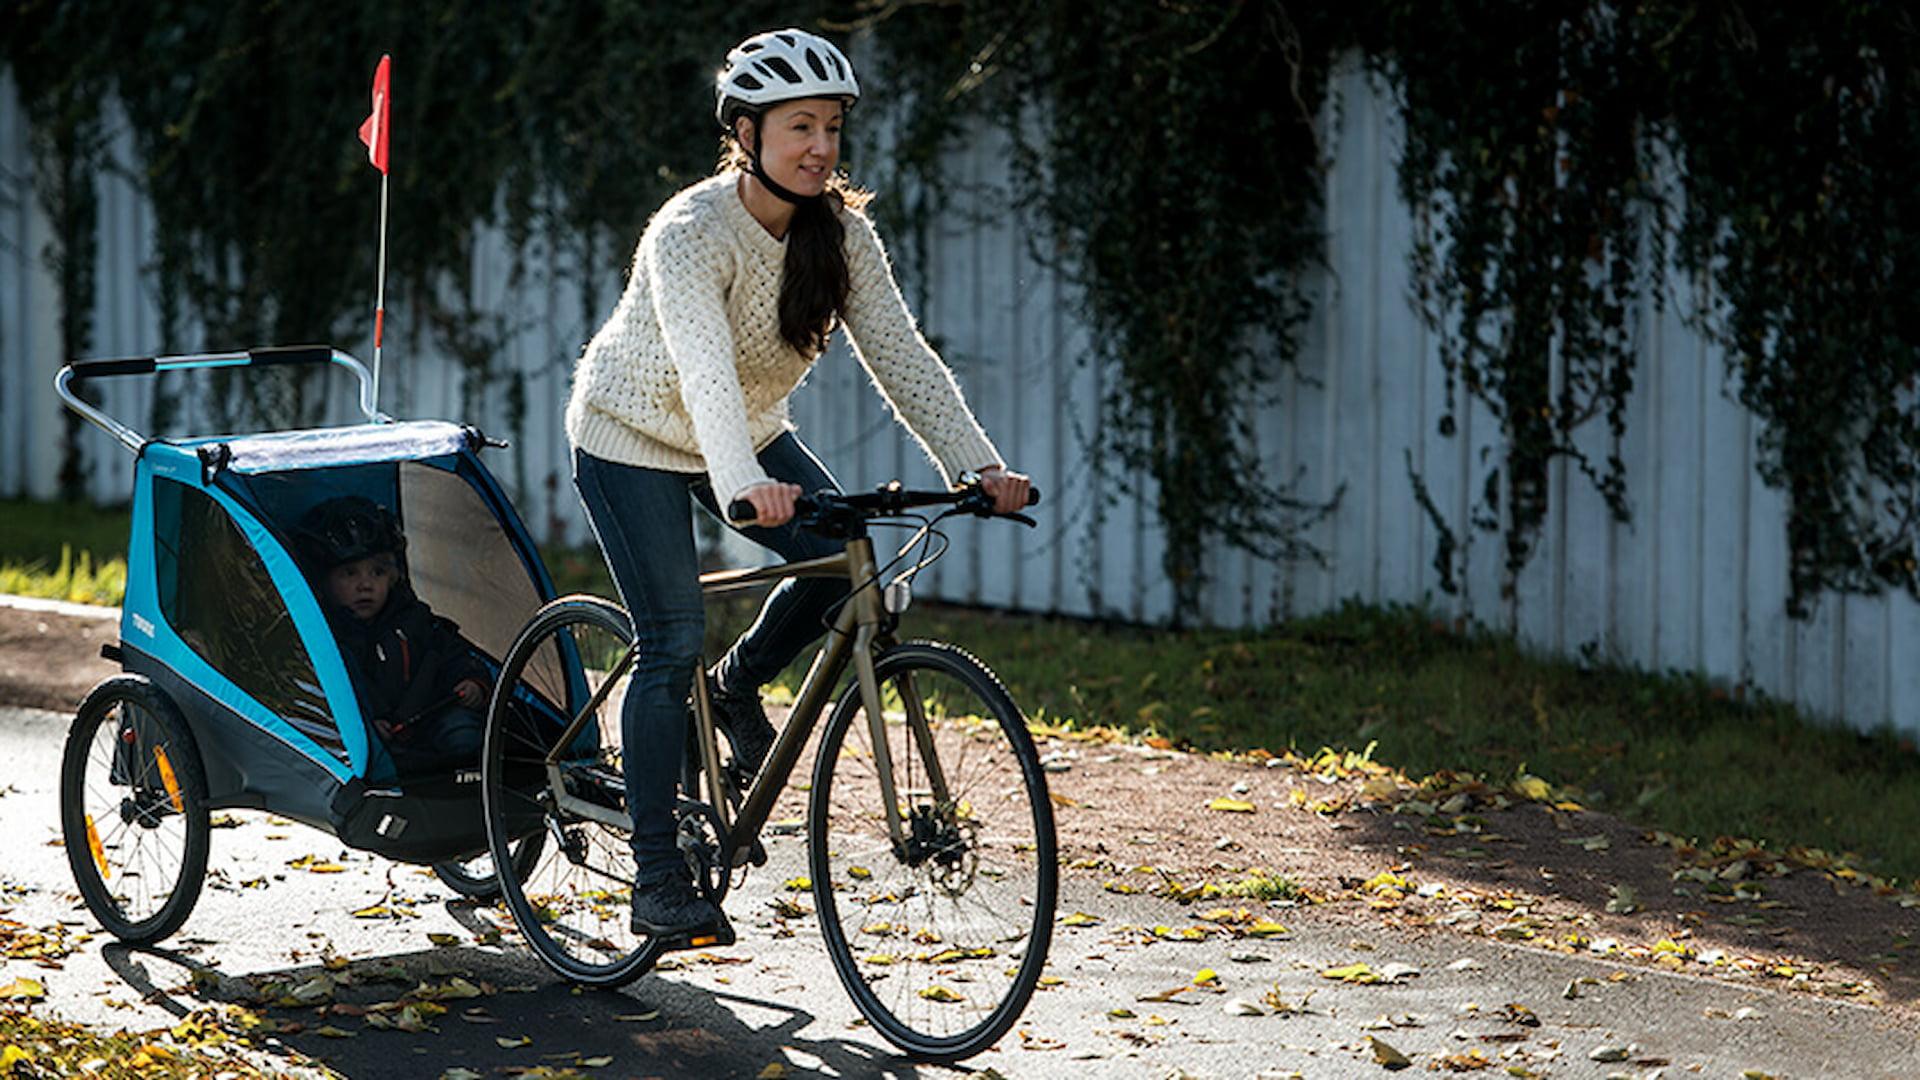 przyczepka rowerowa thule ukazująca prostotę i bezpieczeństwo w trakcie przejażdżki rowerowej